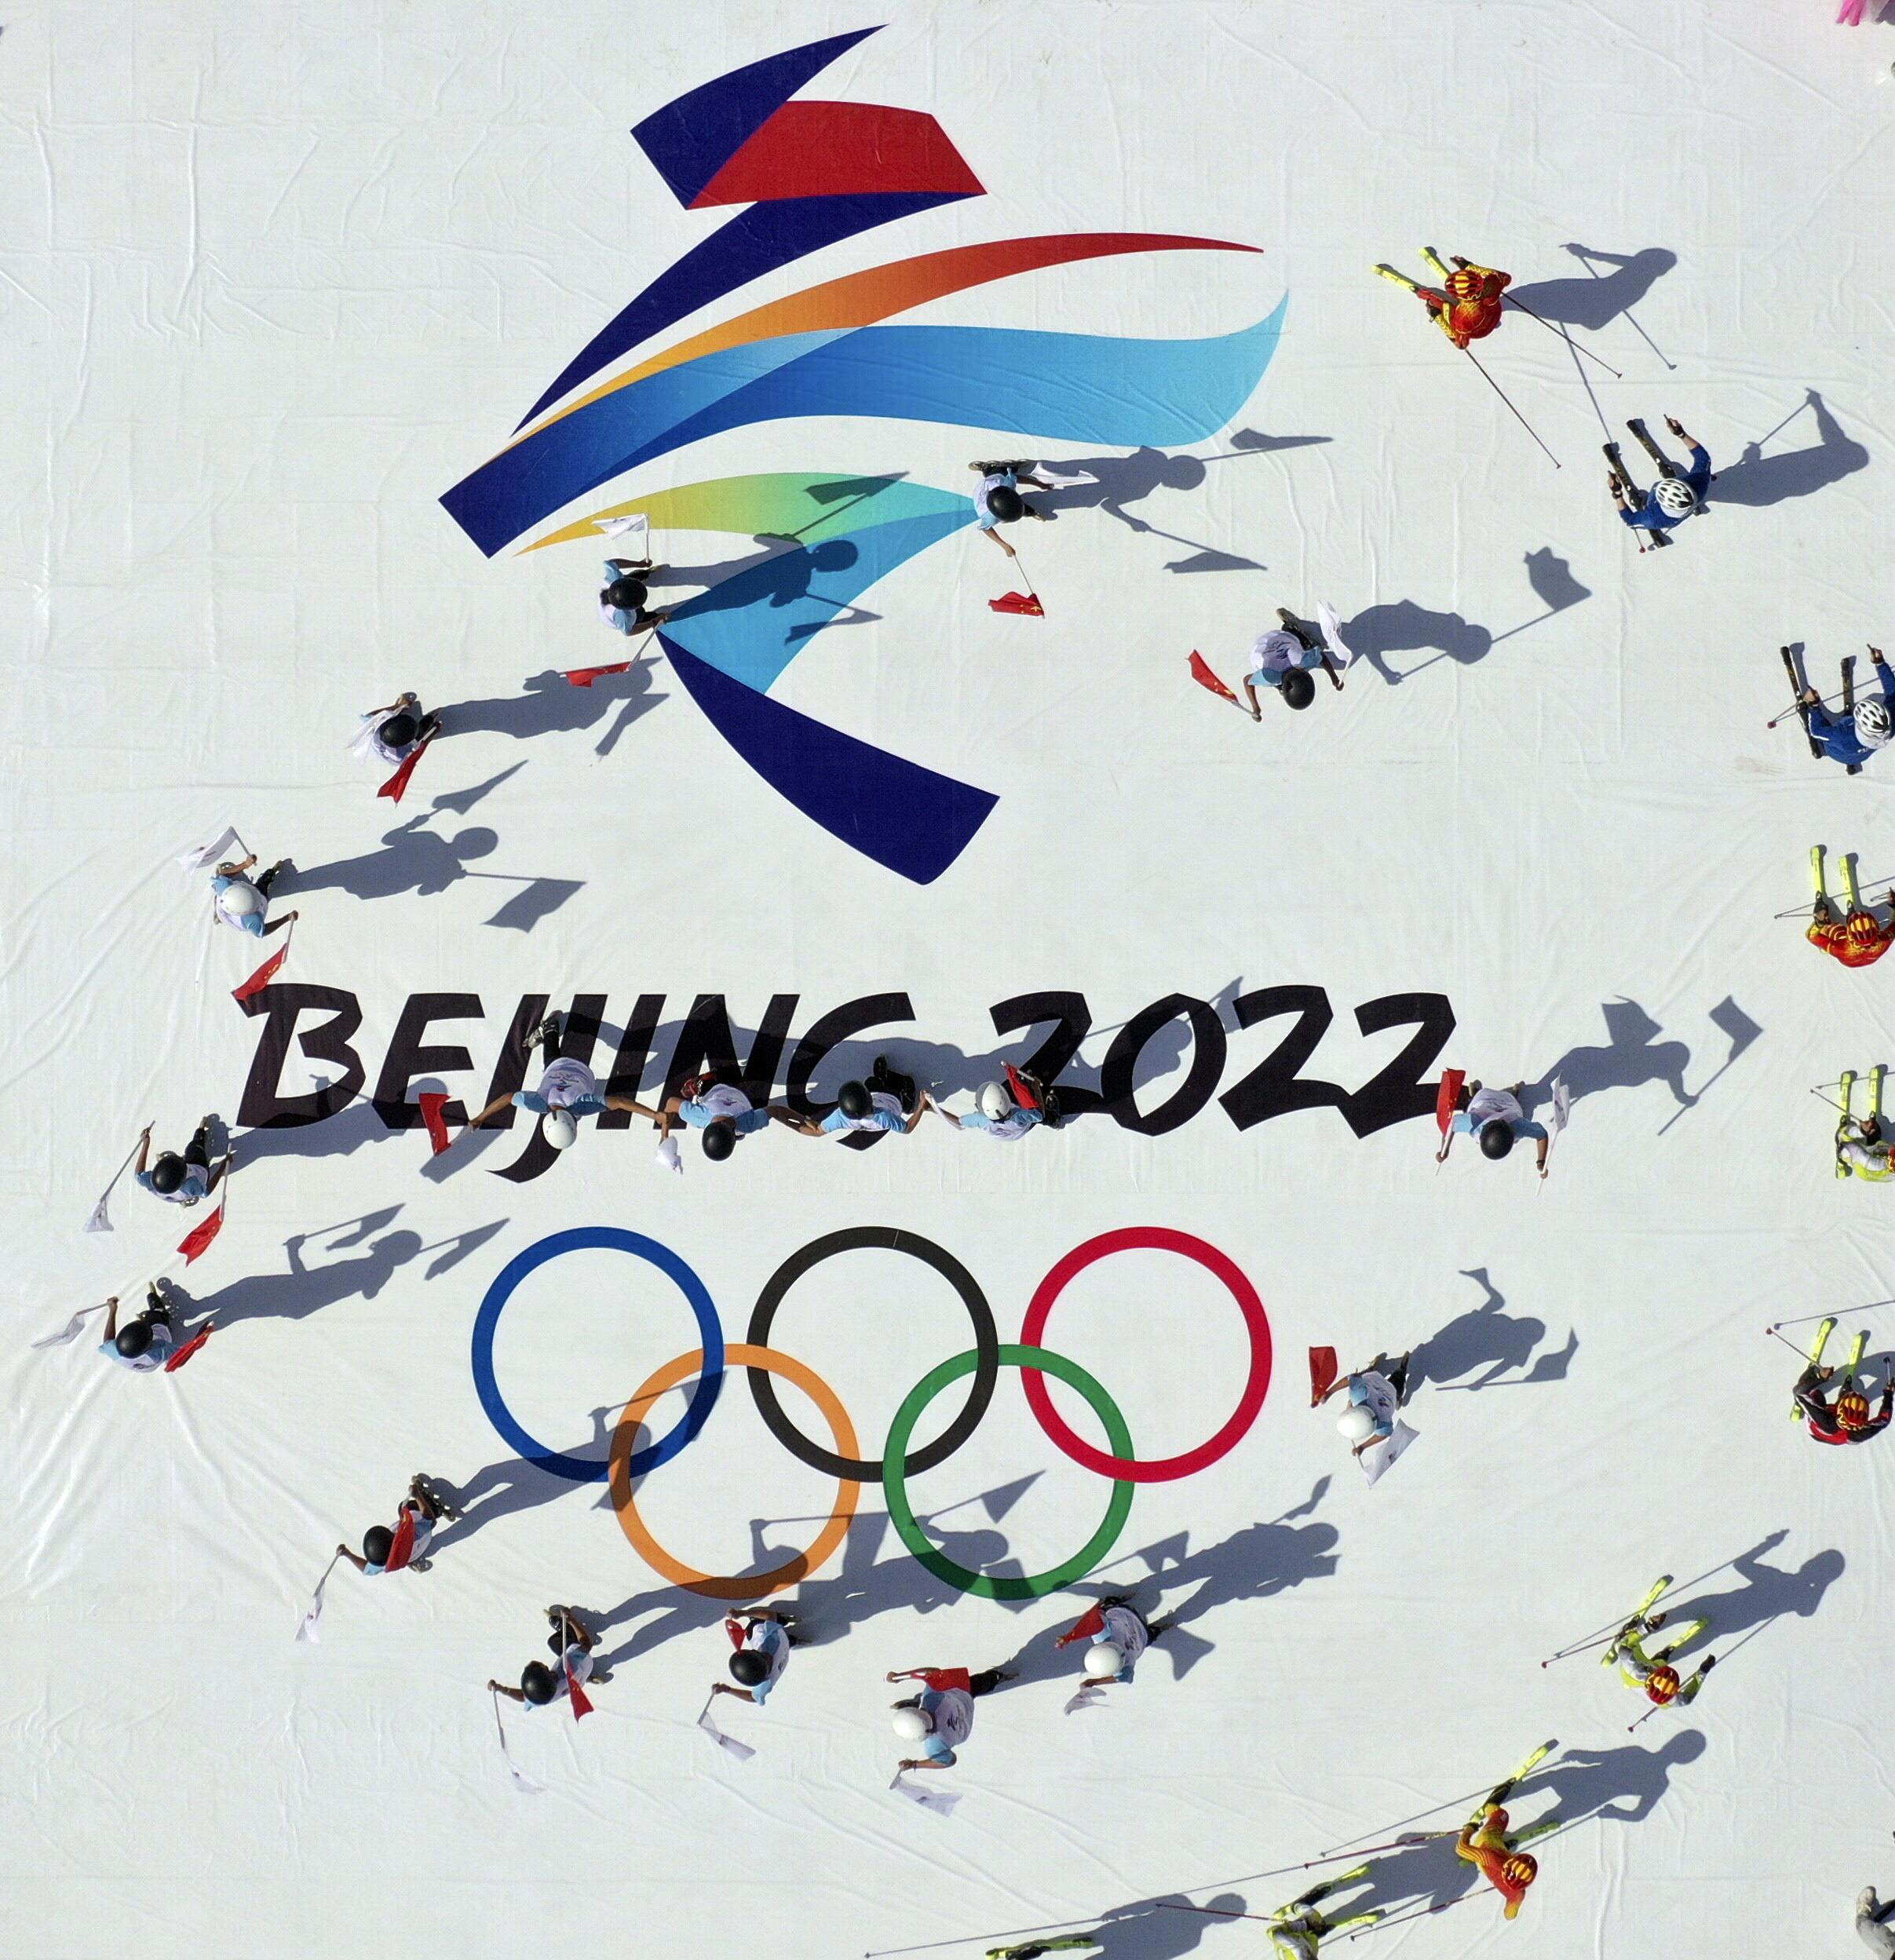 Cuenta regresiva para Beijing 2022: Juegos Olímpicos de Invierno 2022 serán exitosos, dice secretario general de OCS